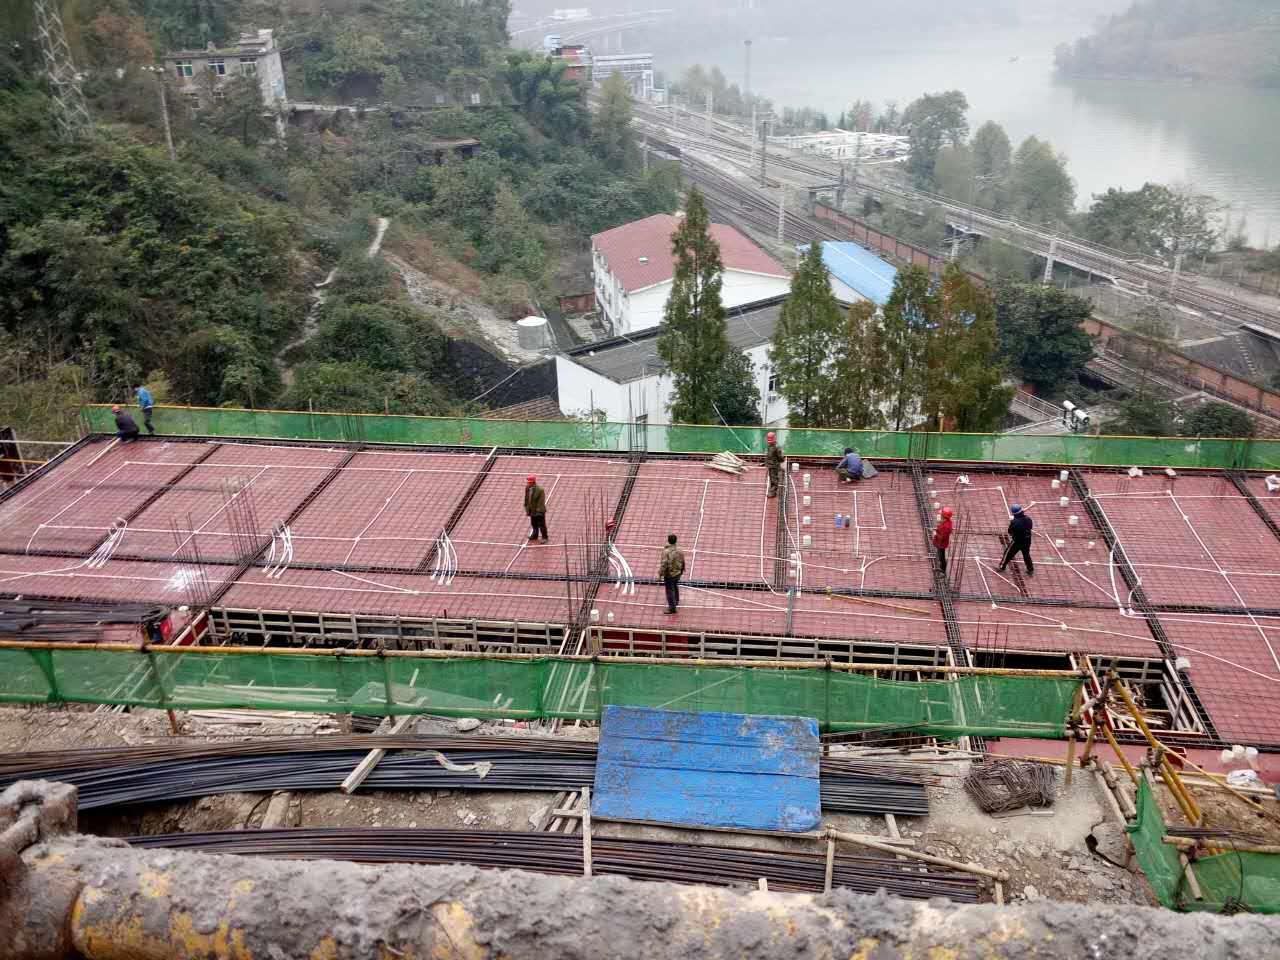 紫阳县儿童福利院综合楼及未成年人保护中心工程